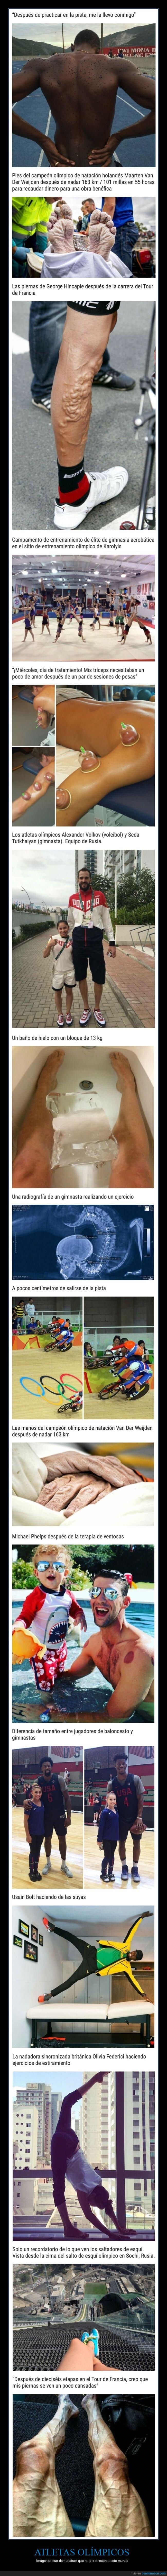 atletas olímpicos,juegos olímpicos